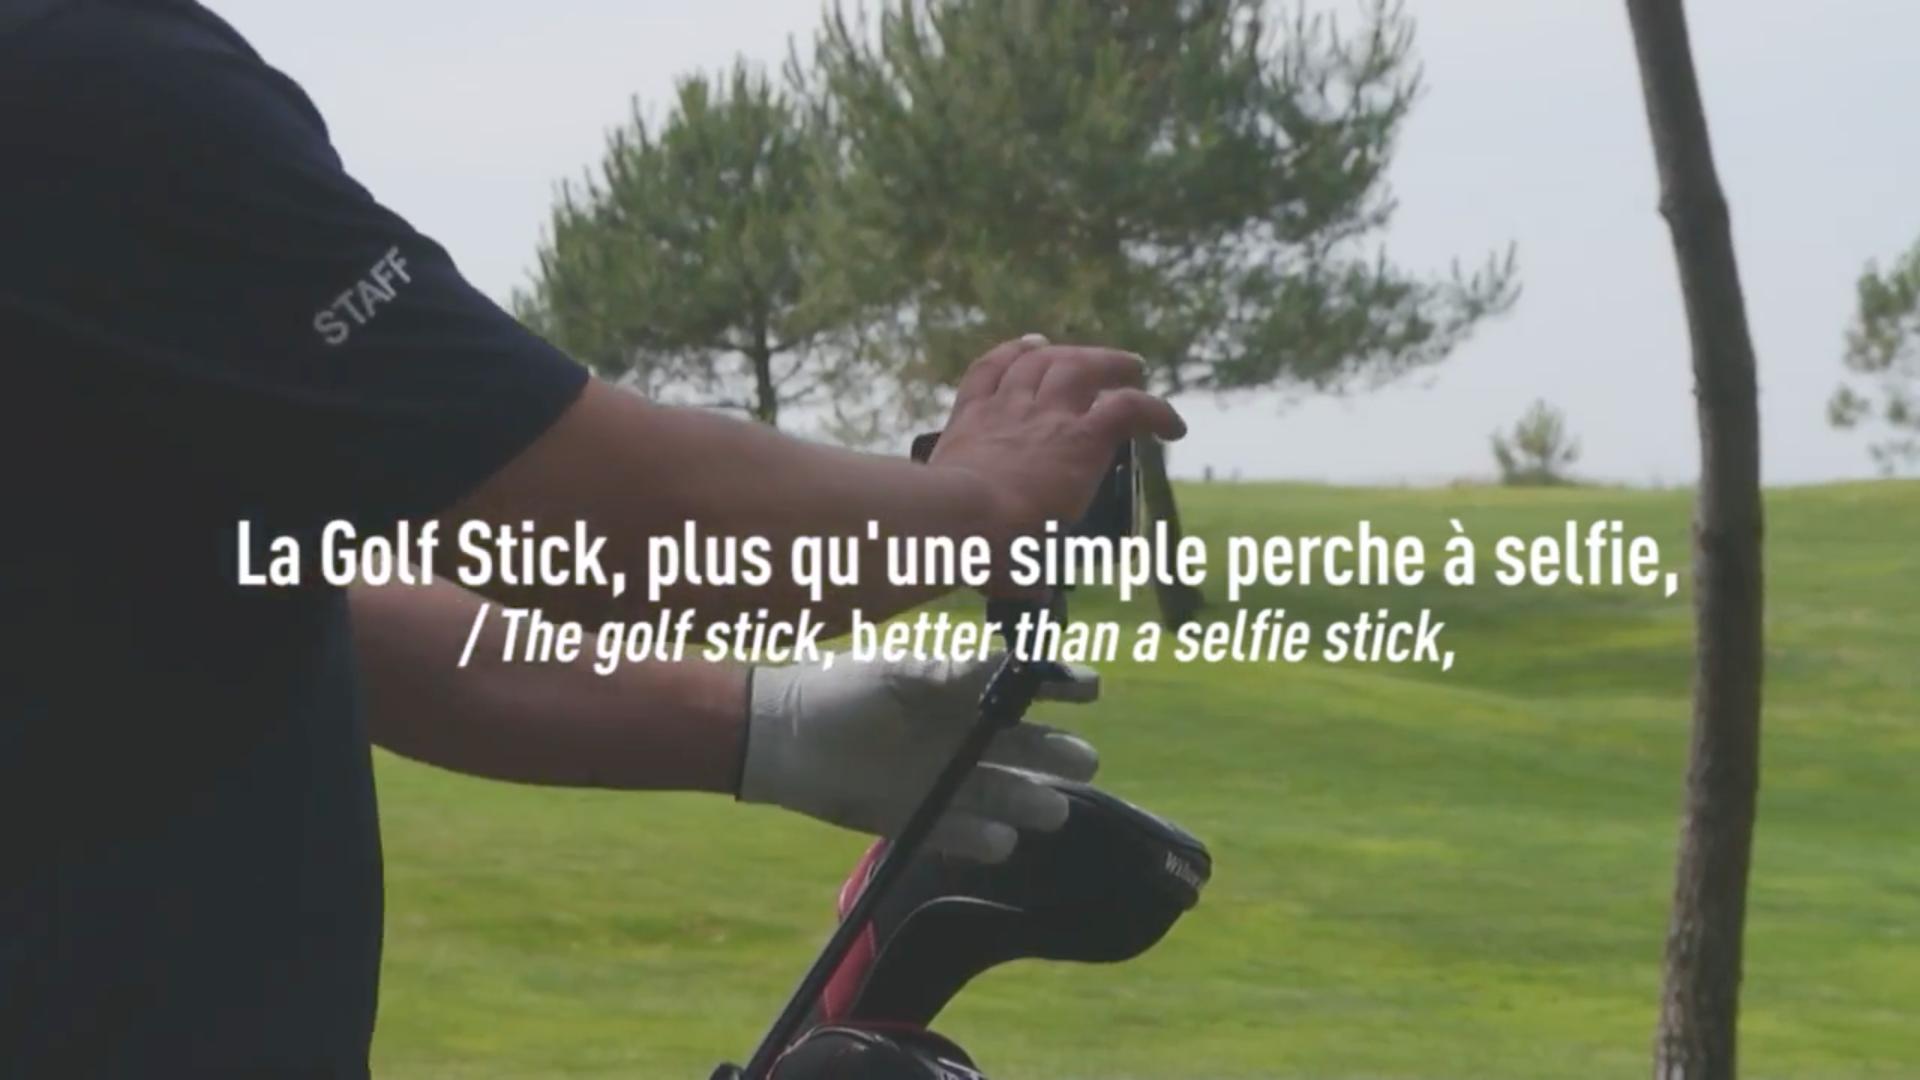 Vidéo promotionnelle selfie-sport, BSB, 2016.